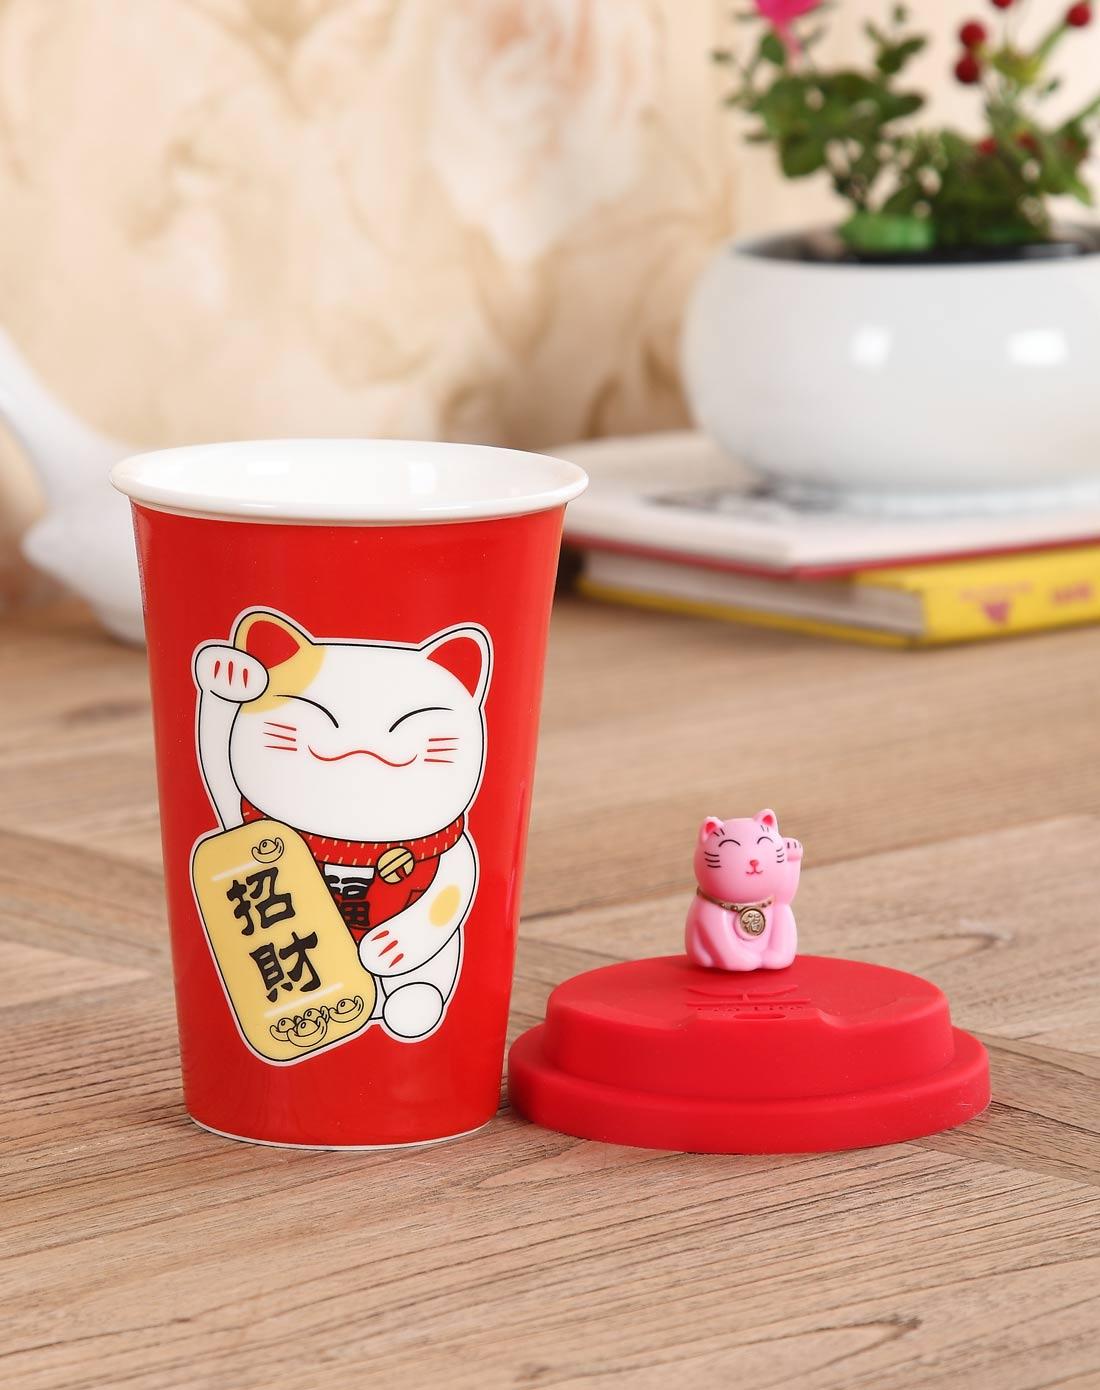 可爱招财猫马克杯-红色